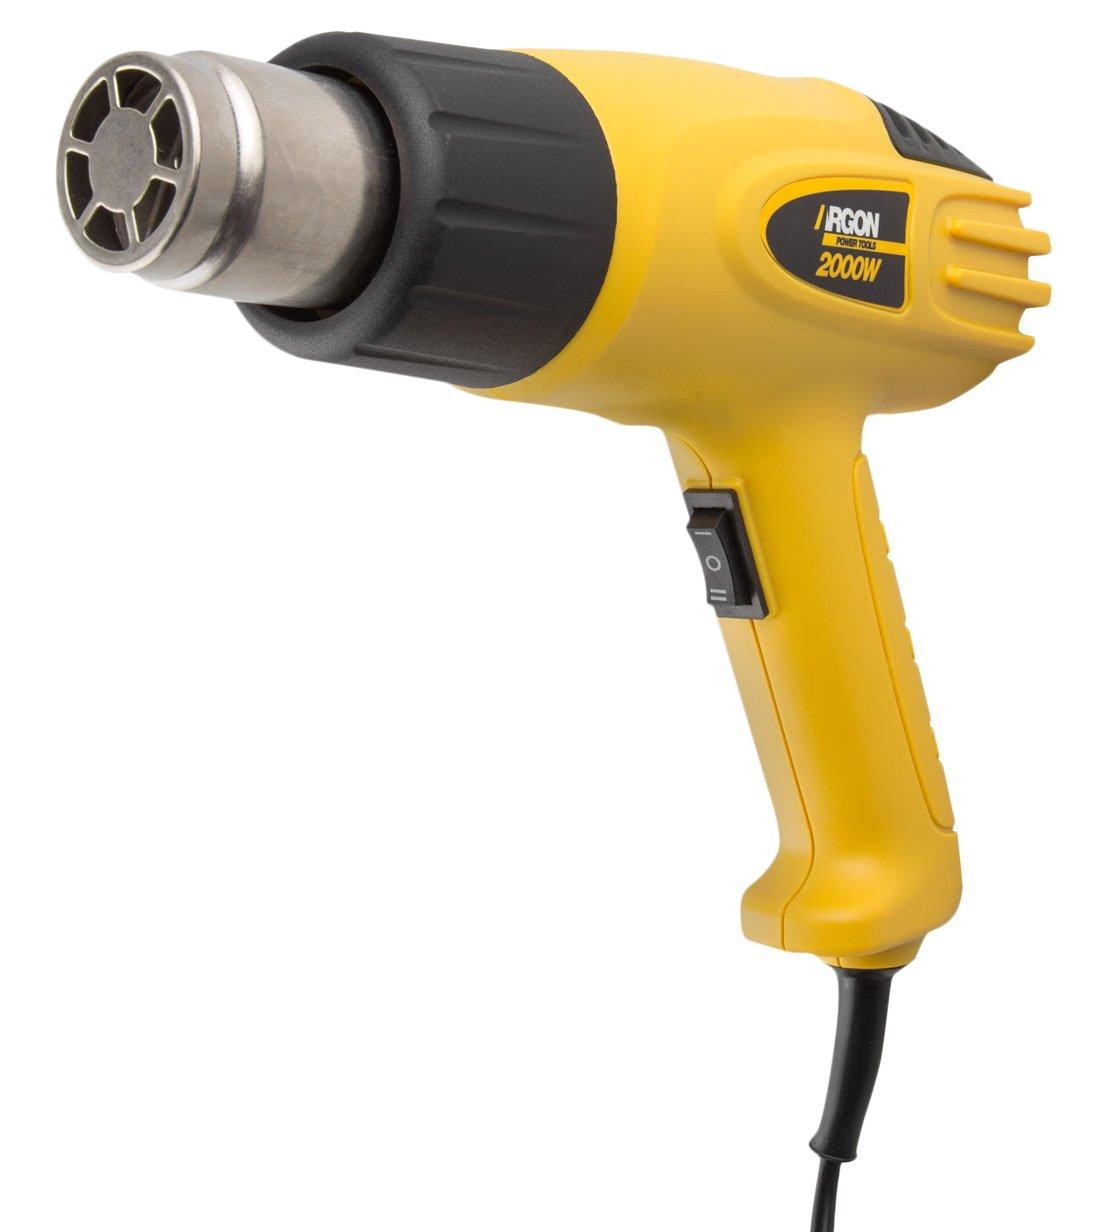 Argon Power Tools 46239 - Pistola de decapadora (2000W, temperatura 300-600º C) color amarillo temperatura 300-600ºC) color amarillo